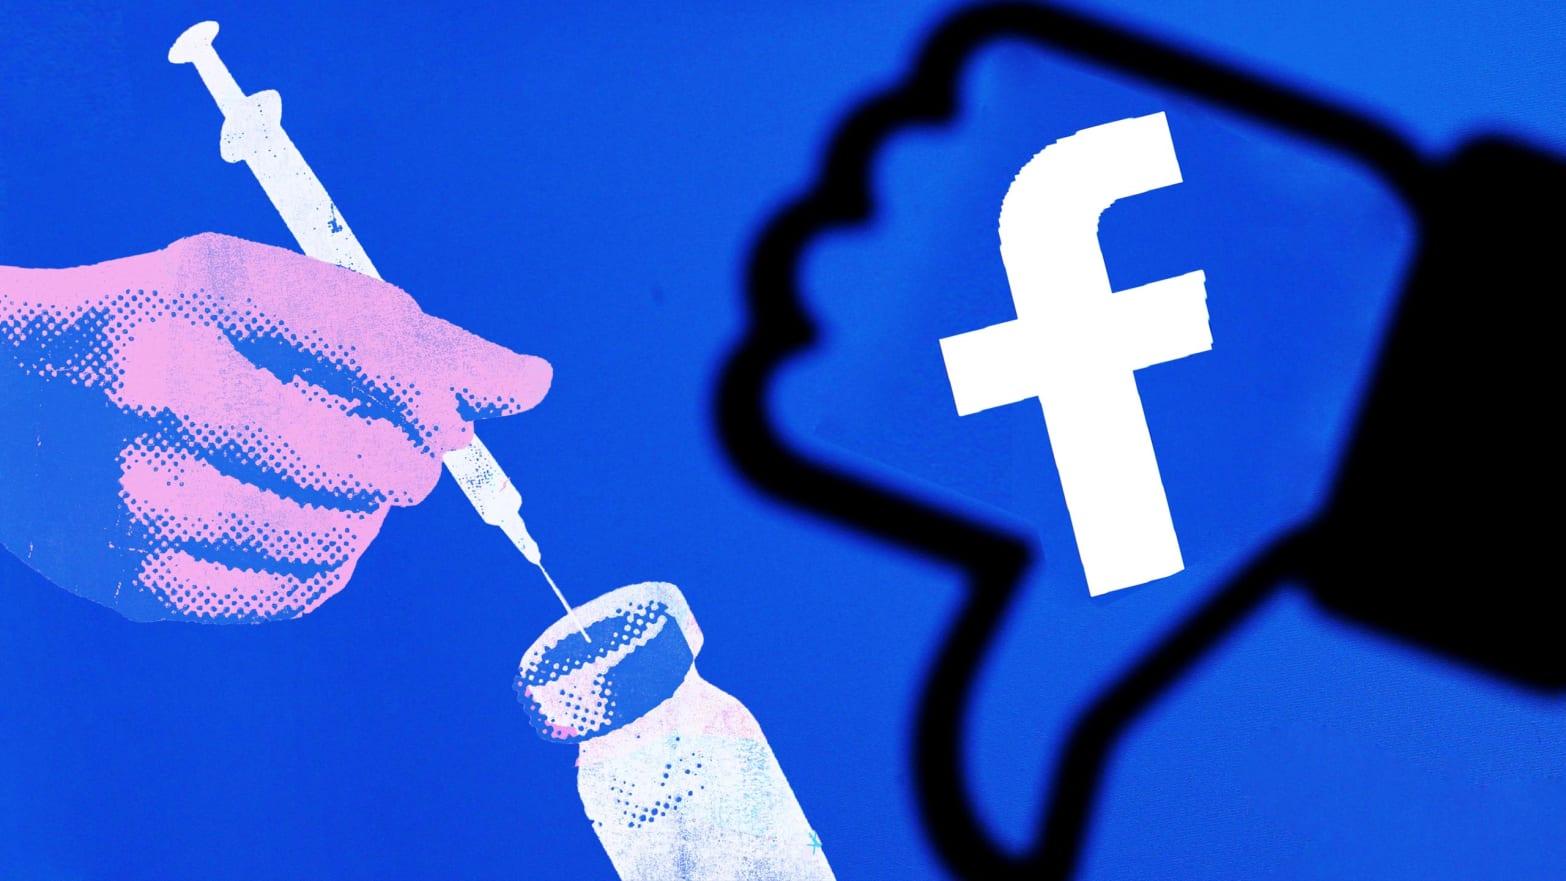 Το Facebook κήρυξε τον πόλεμο στο «αντιεμβολιαστικό κίνημα»